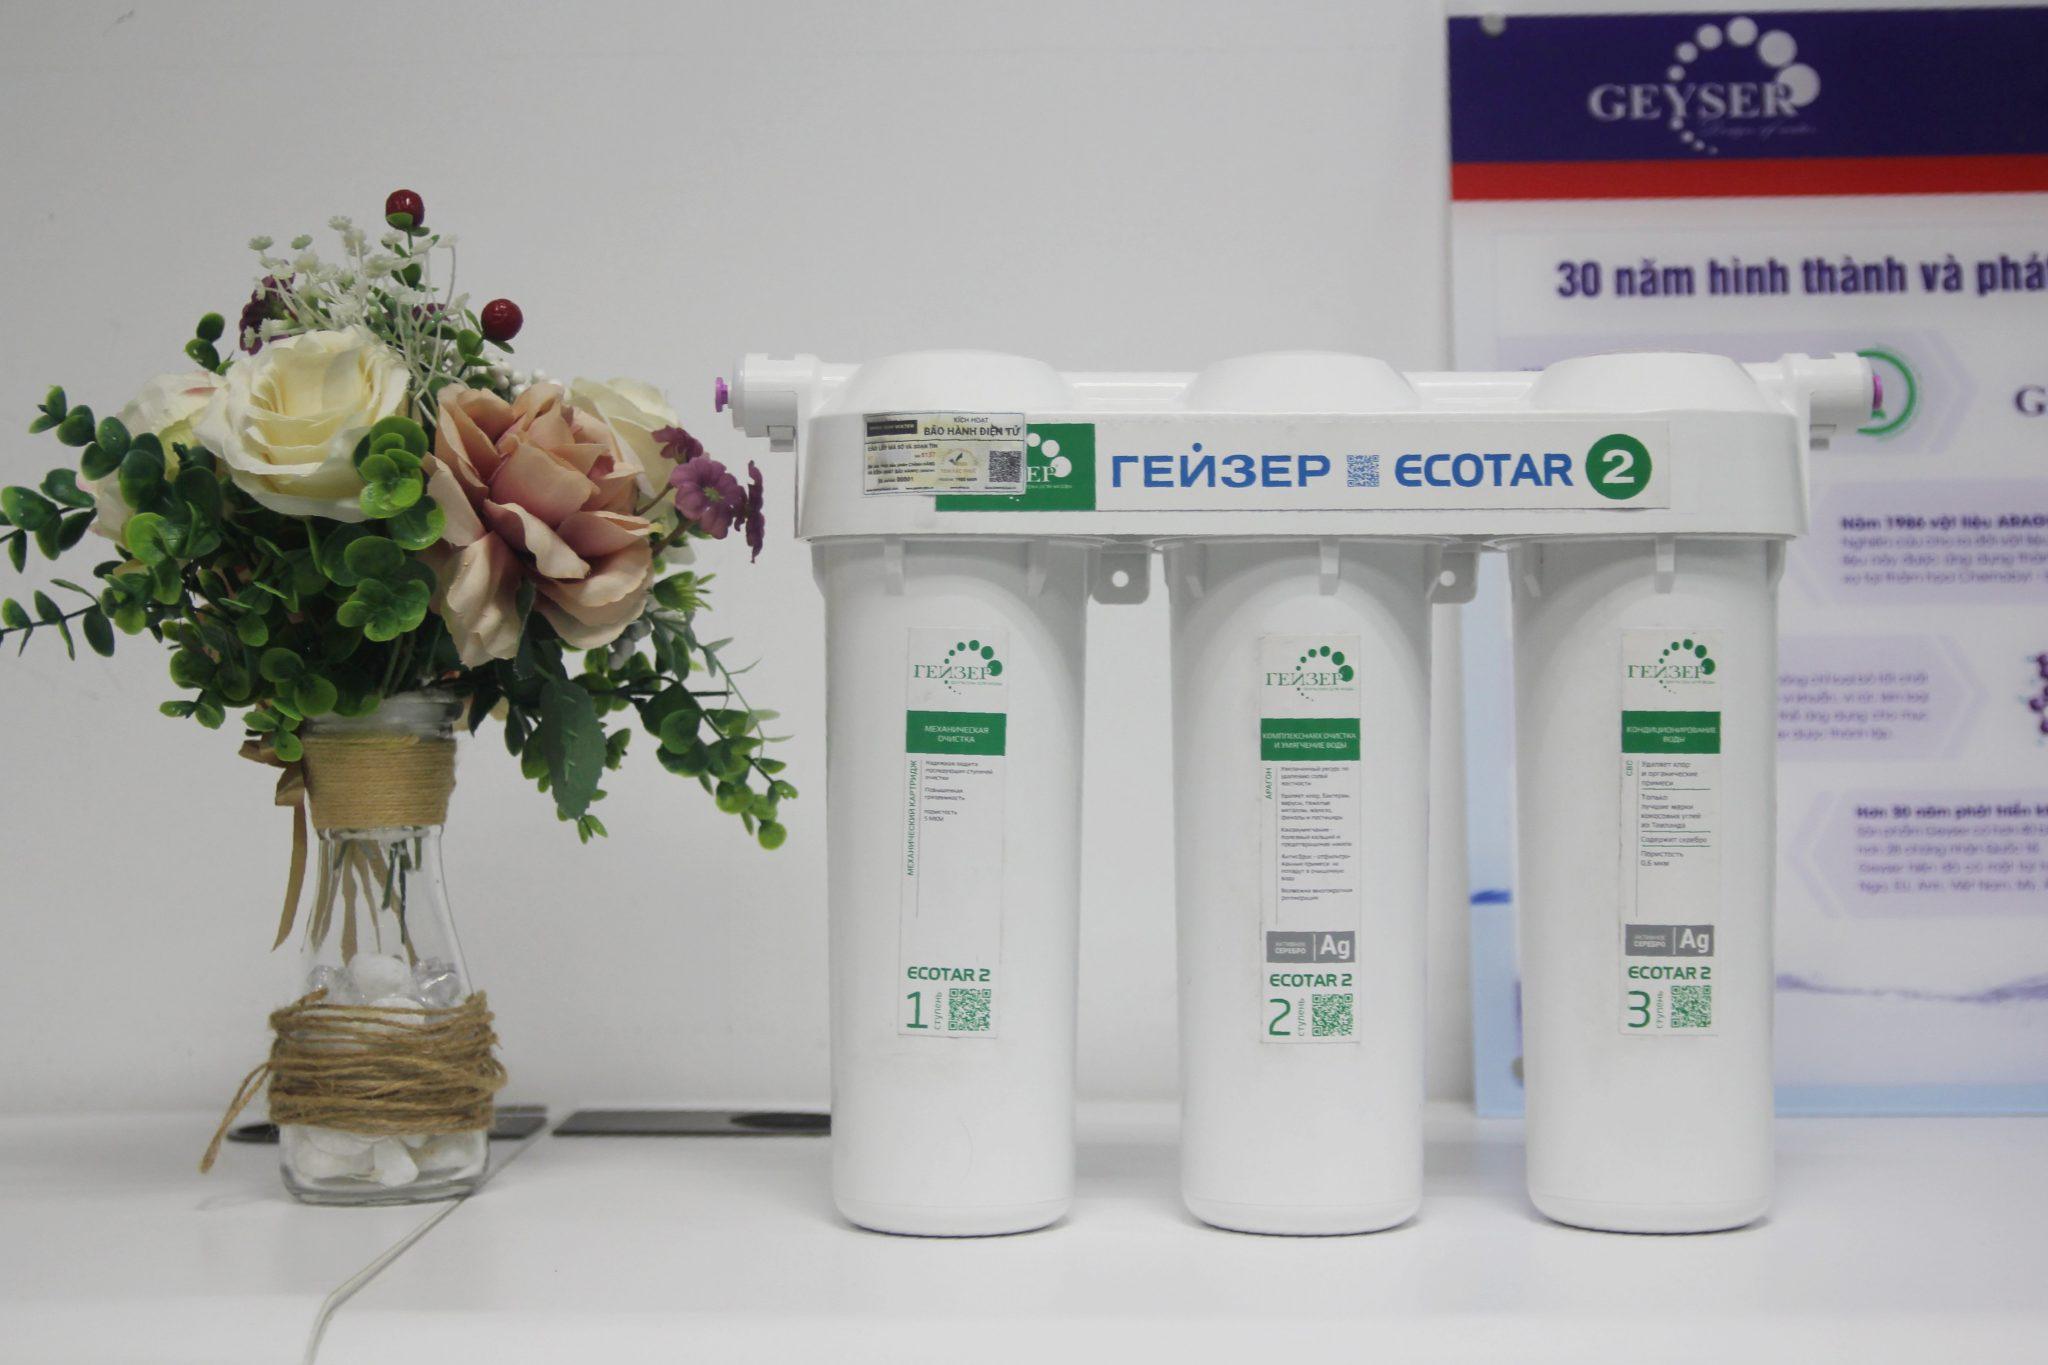 Geyser Ecotar 2 LB Nga